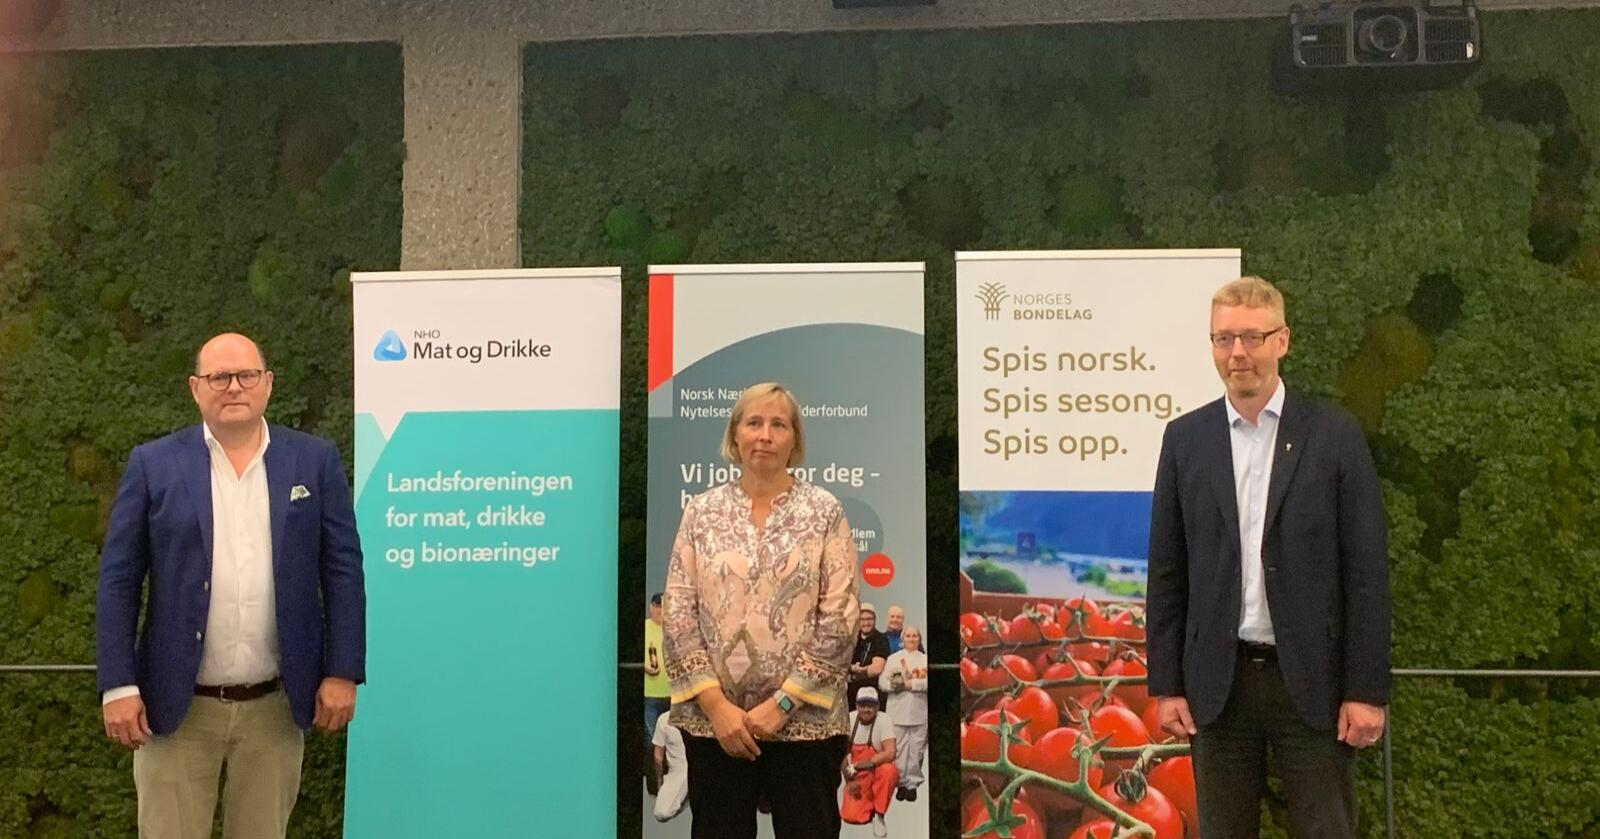 Petter Haas Brubakk i NHO Mat og Drikke, Anne Berit Aker Hanssen i NNN og Bjørn Gimming i Norges Bondelag. Foto: Andrea Sørøy